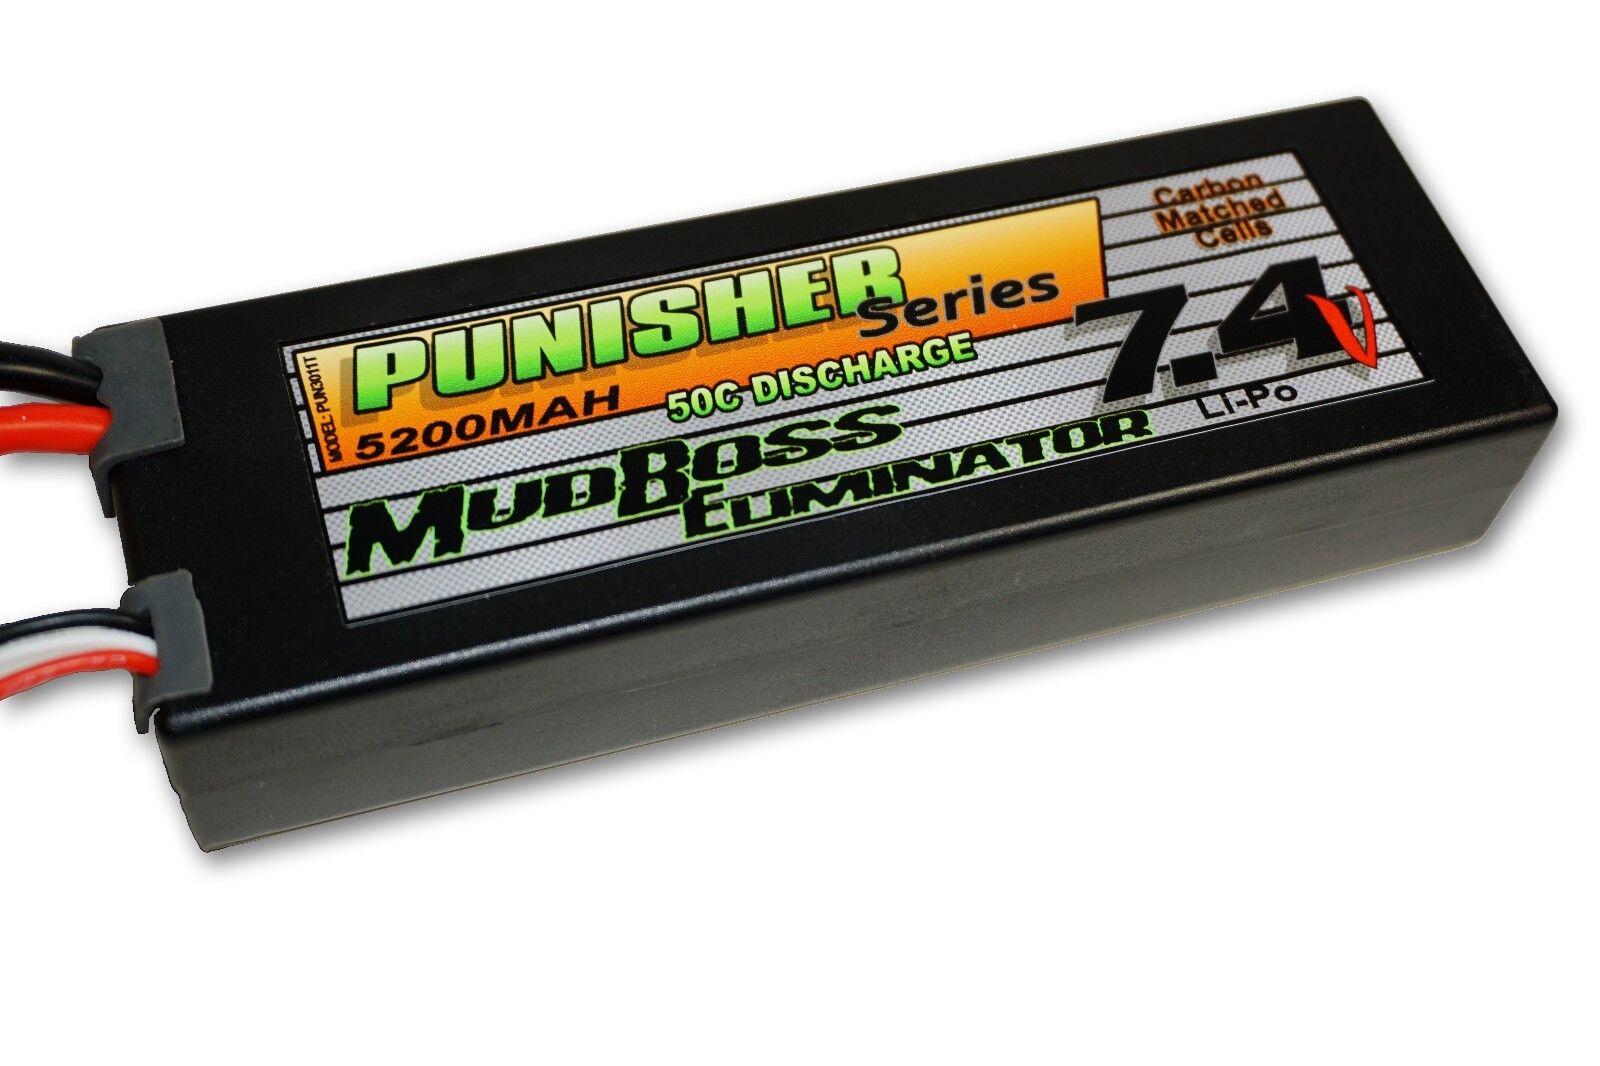 Punisher - serie  mudboss einrichtung  5200mah 50c 2cell fettabsaugung (traxxas stecker) 7.4v